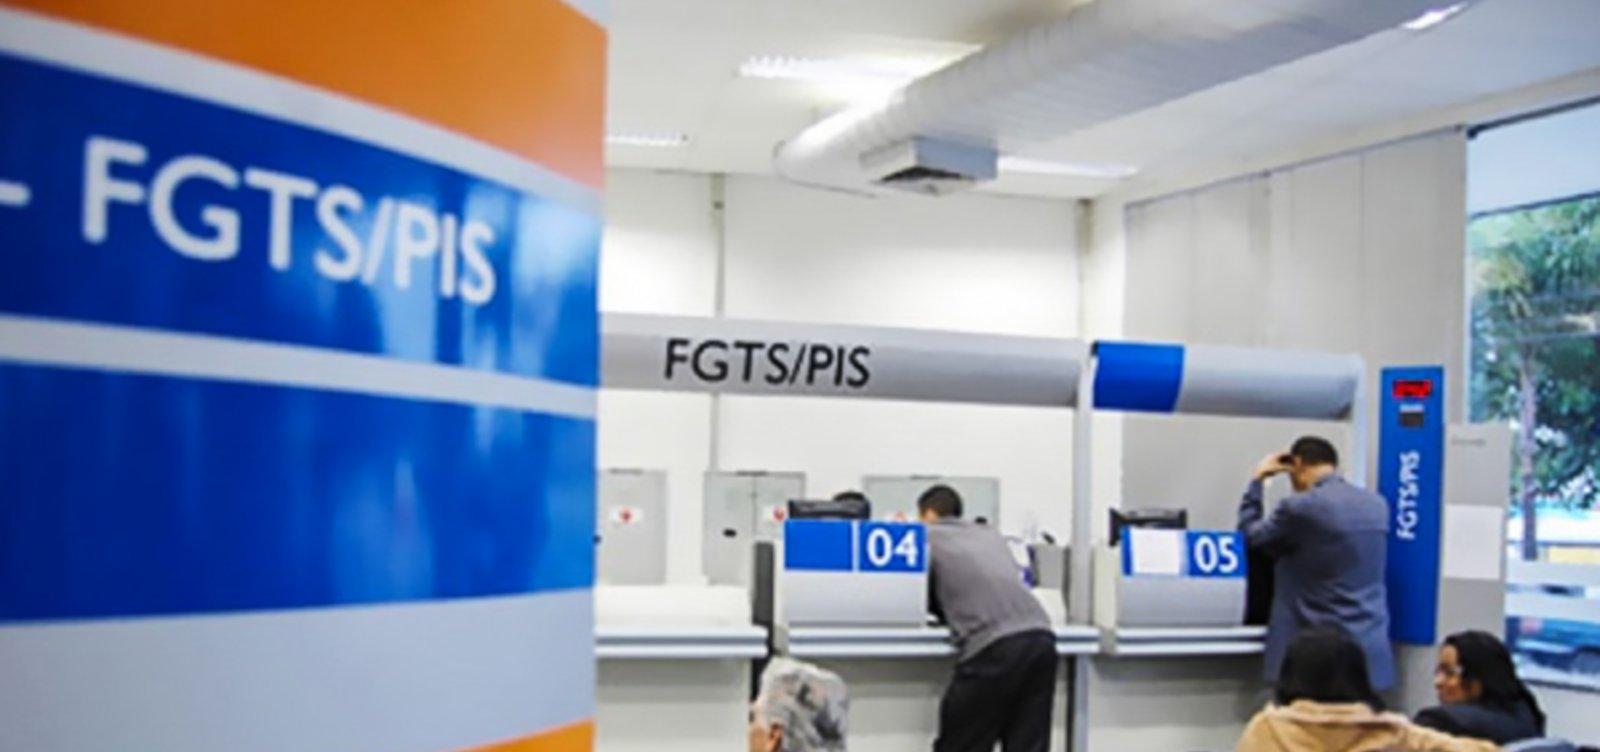 [Comissão aprova aumento de saque do FGTS para R$ 998]